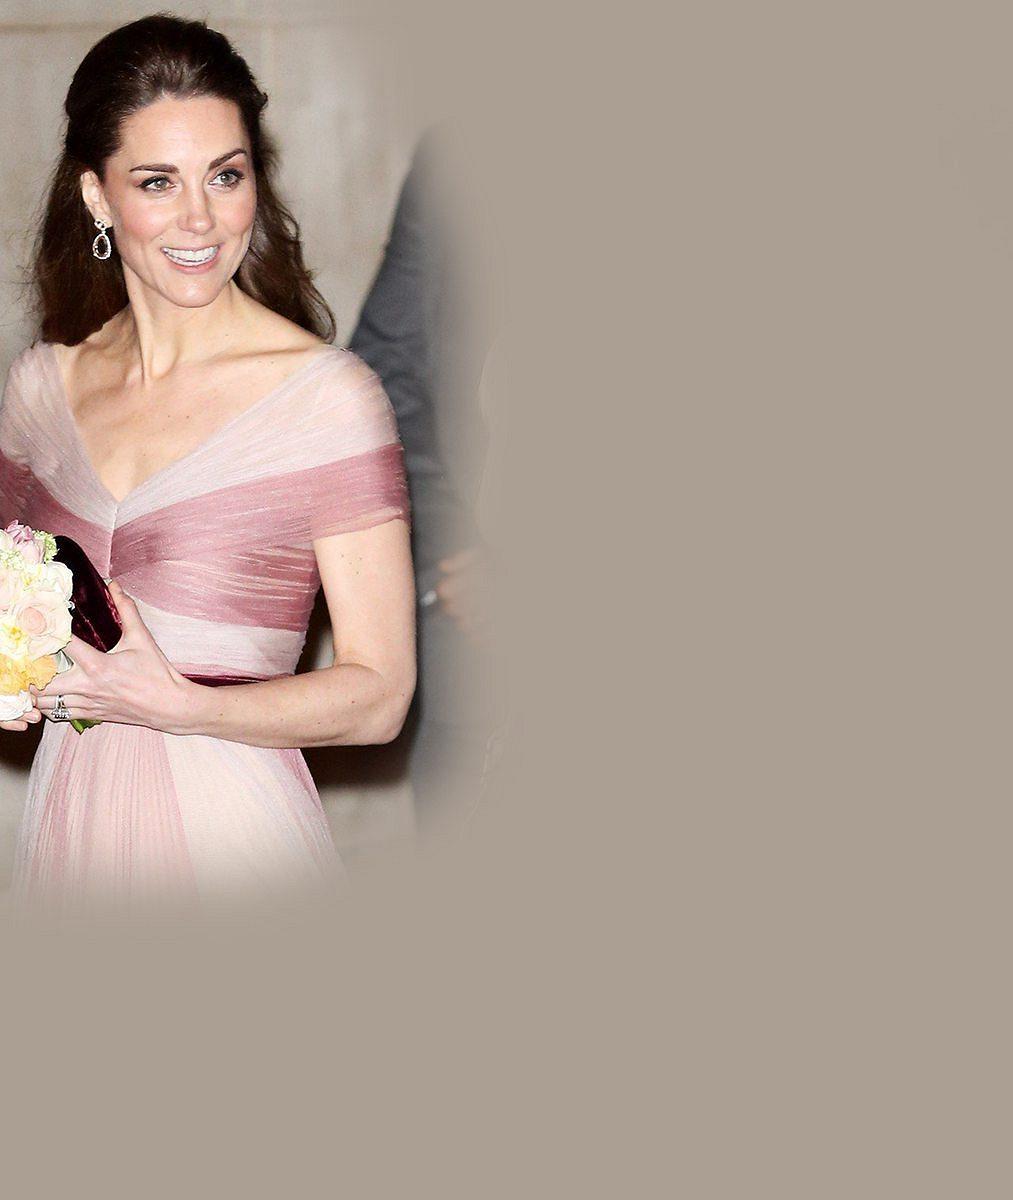 Proč vévodkyně Kate nebyla na utajované oslavě Meghan v New Yorku? Tohle byl prý pravý důvod